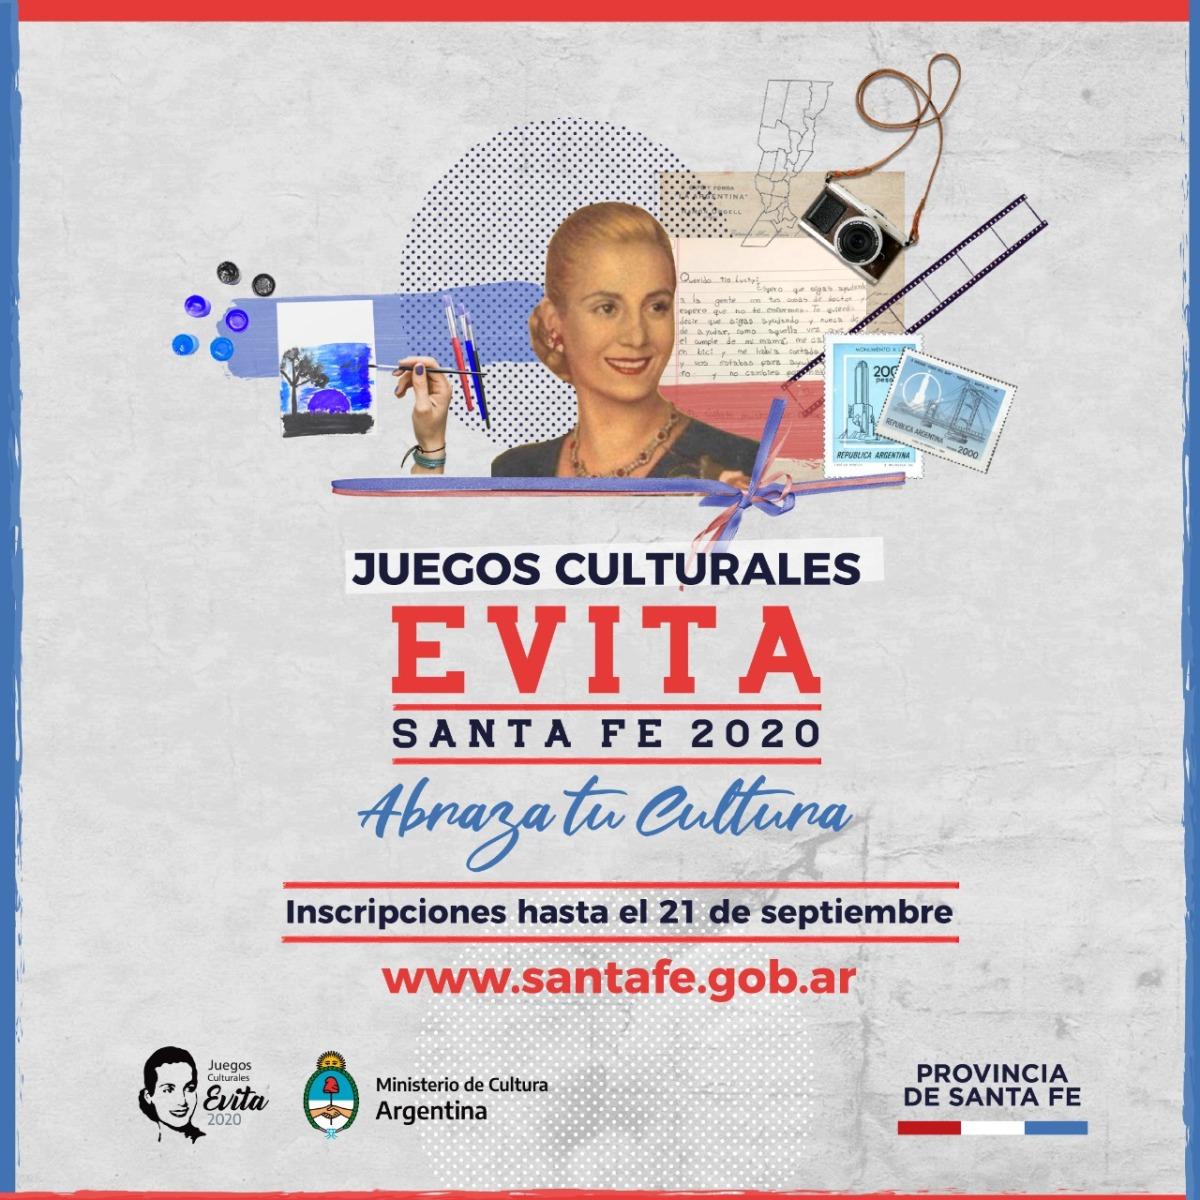 Participá de los Juegos Culturales Evita Santa Fe 2020 – COMUNA DE PIAMONTE